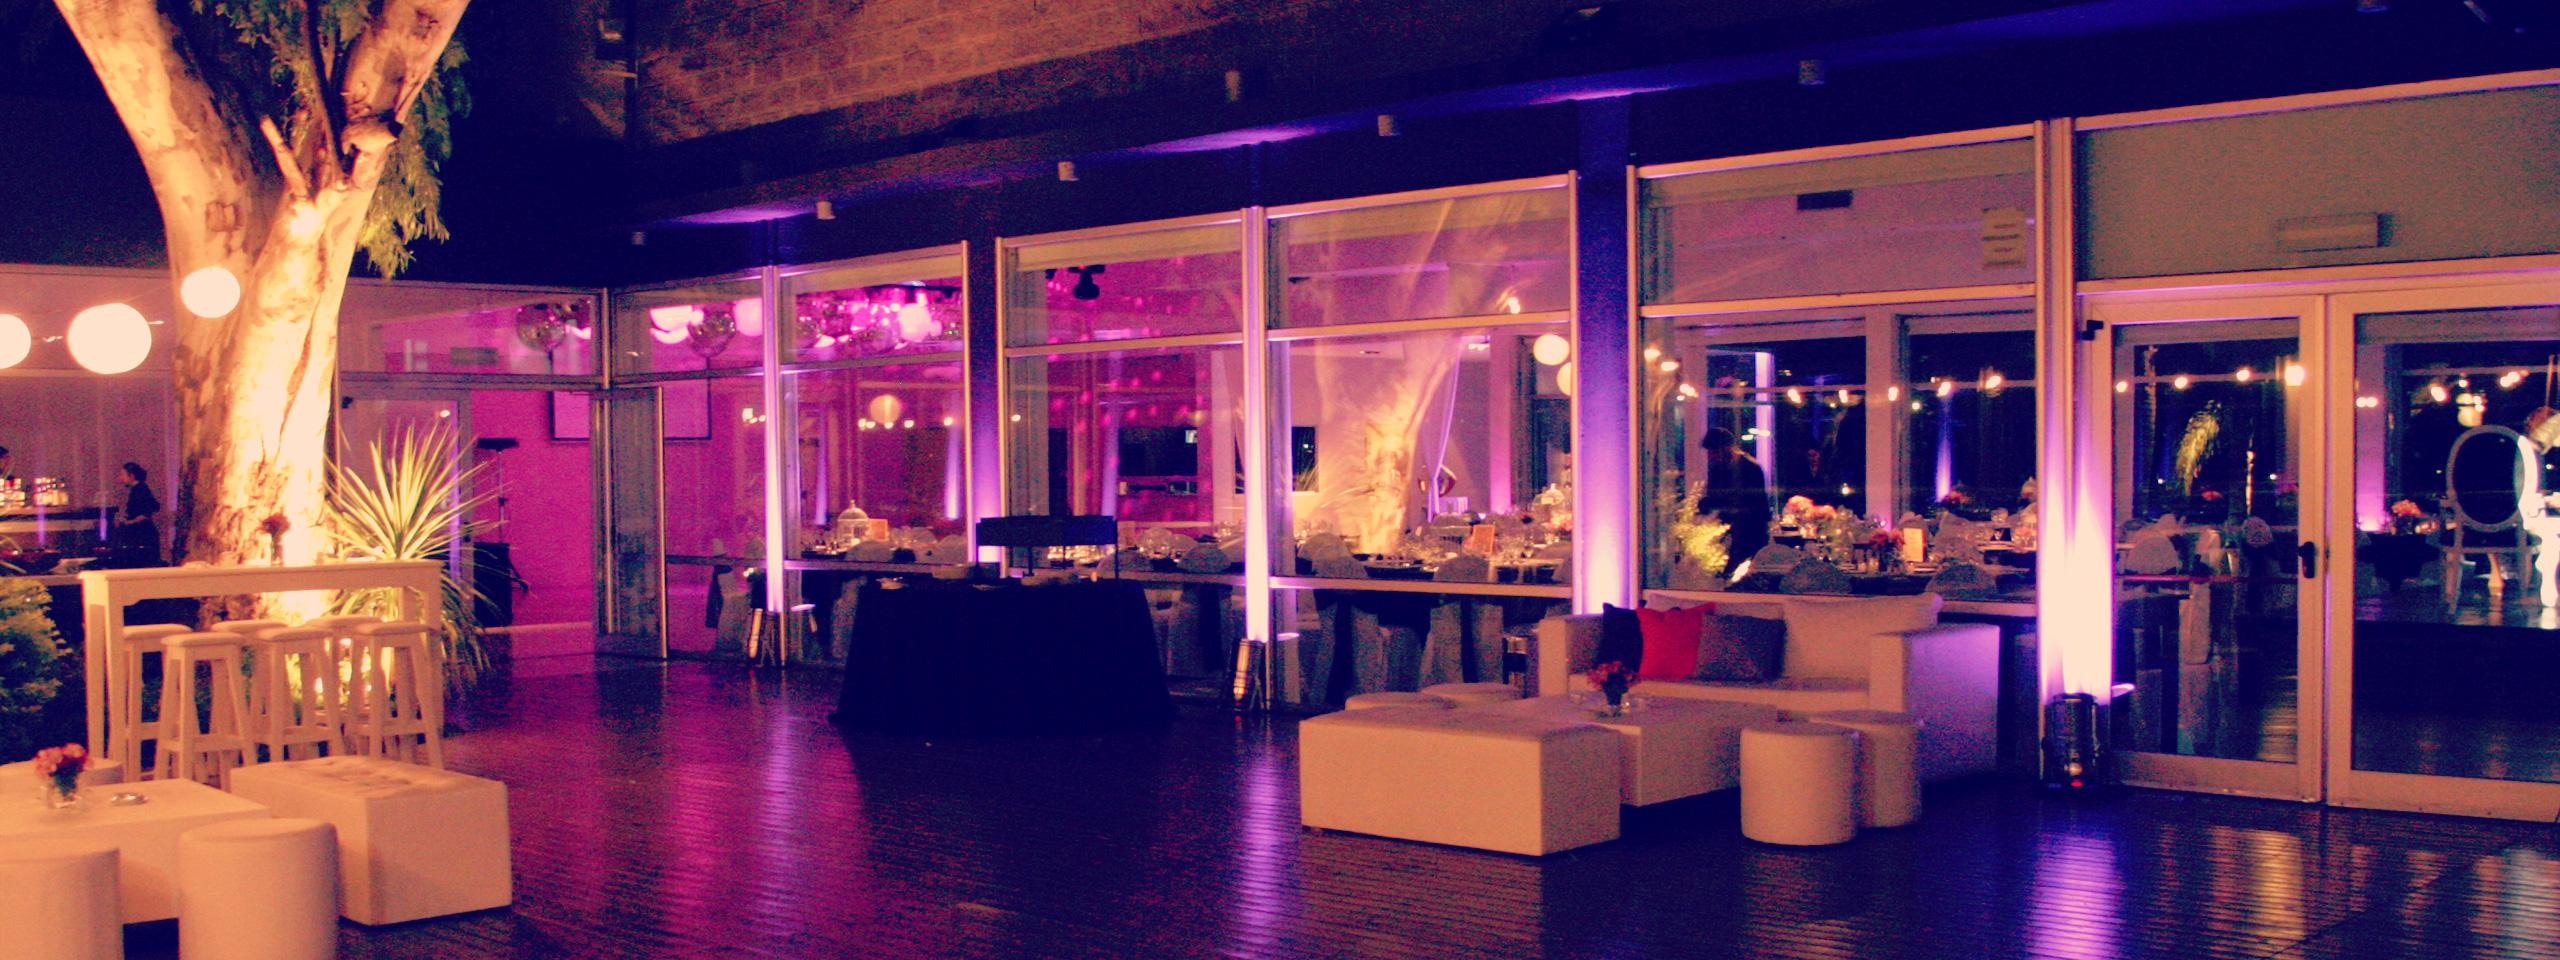 Sal n del r o el lugar donde tus sue os se hacen realidad for Acropolis salon de fiestas